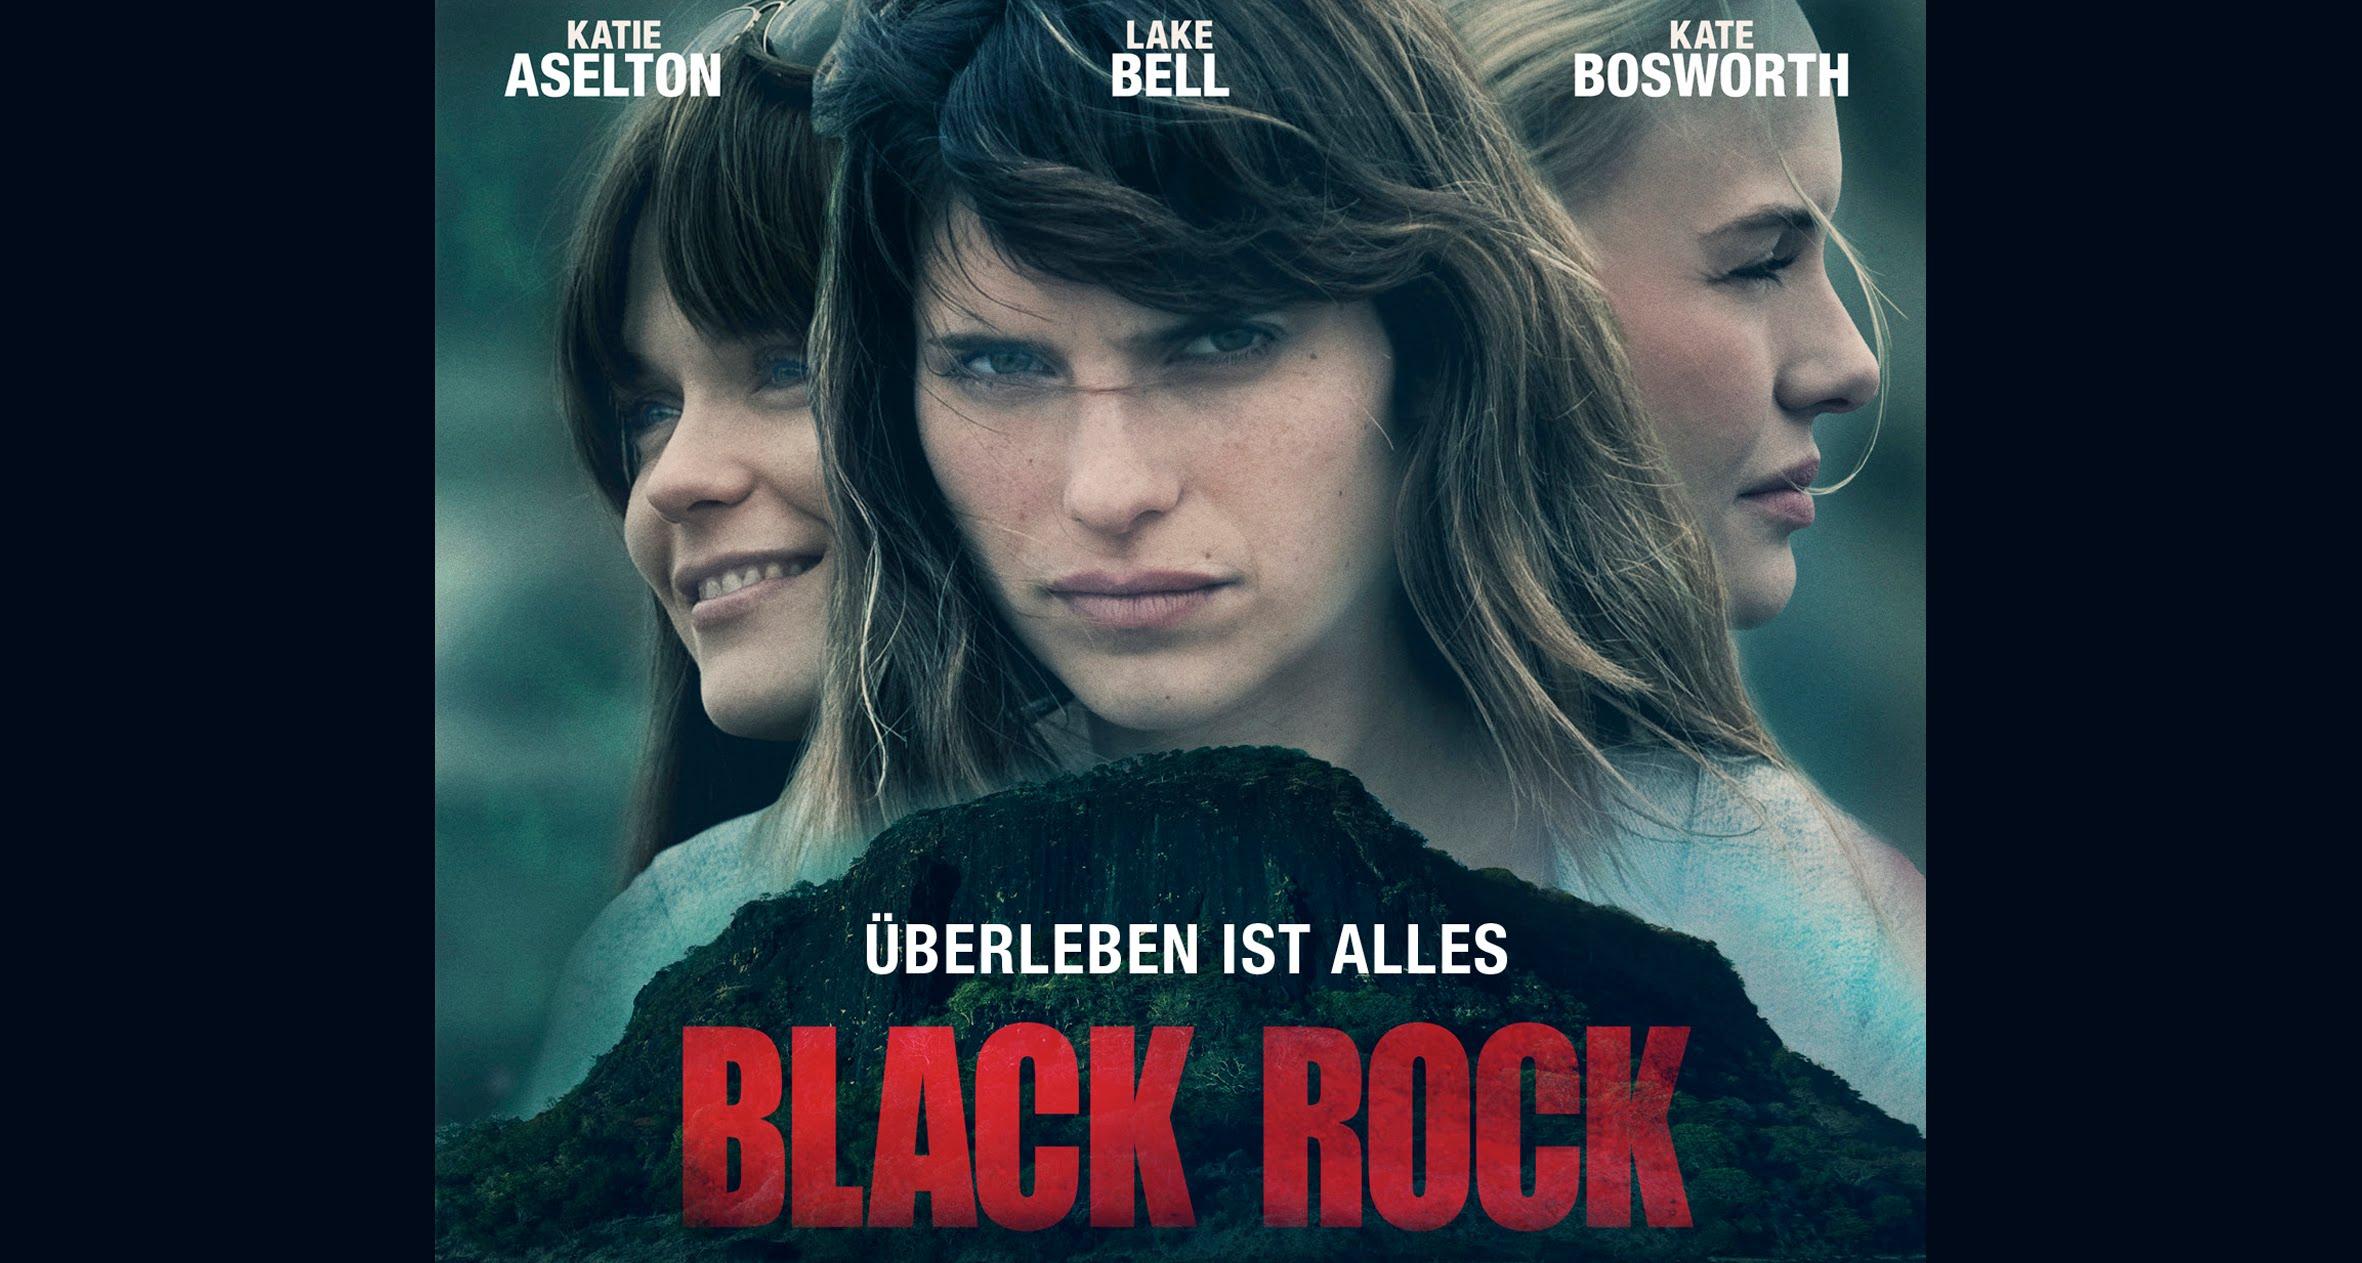 Black Rock - Überleben ist alles (Trailer deutsch) - Lake Bell - Kate Bosworth